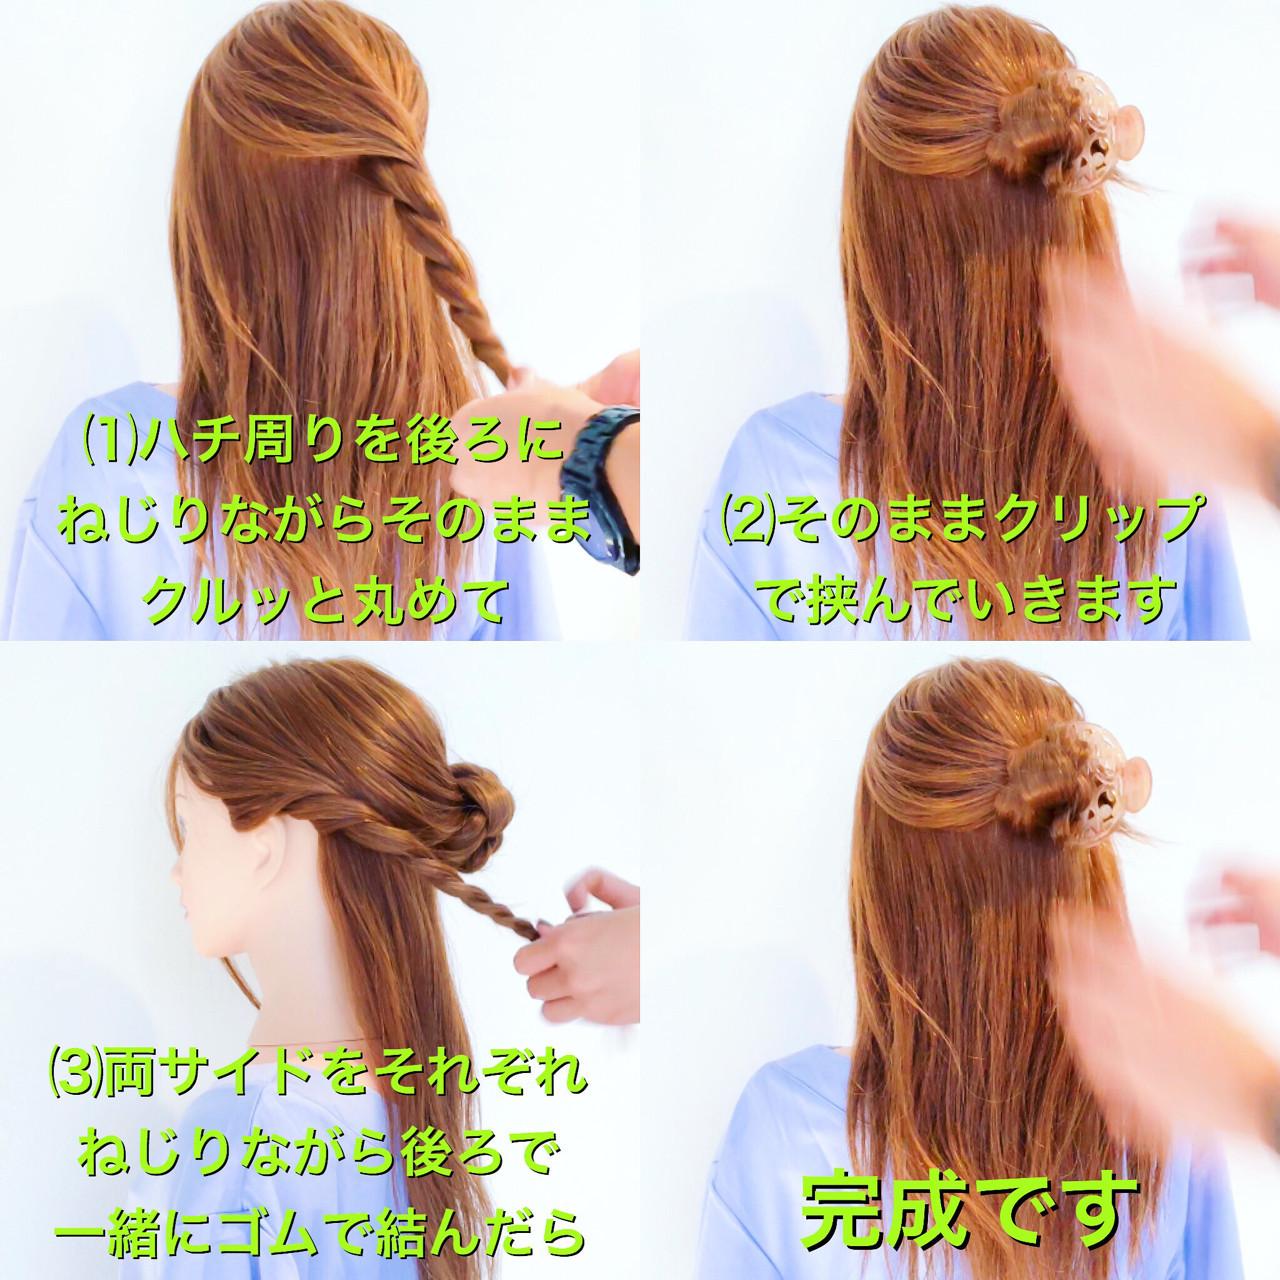 オフィス ロング 簡単ヘアアレンジ ヘアアレンジ ヘアスタイルや髪型の写真・画像